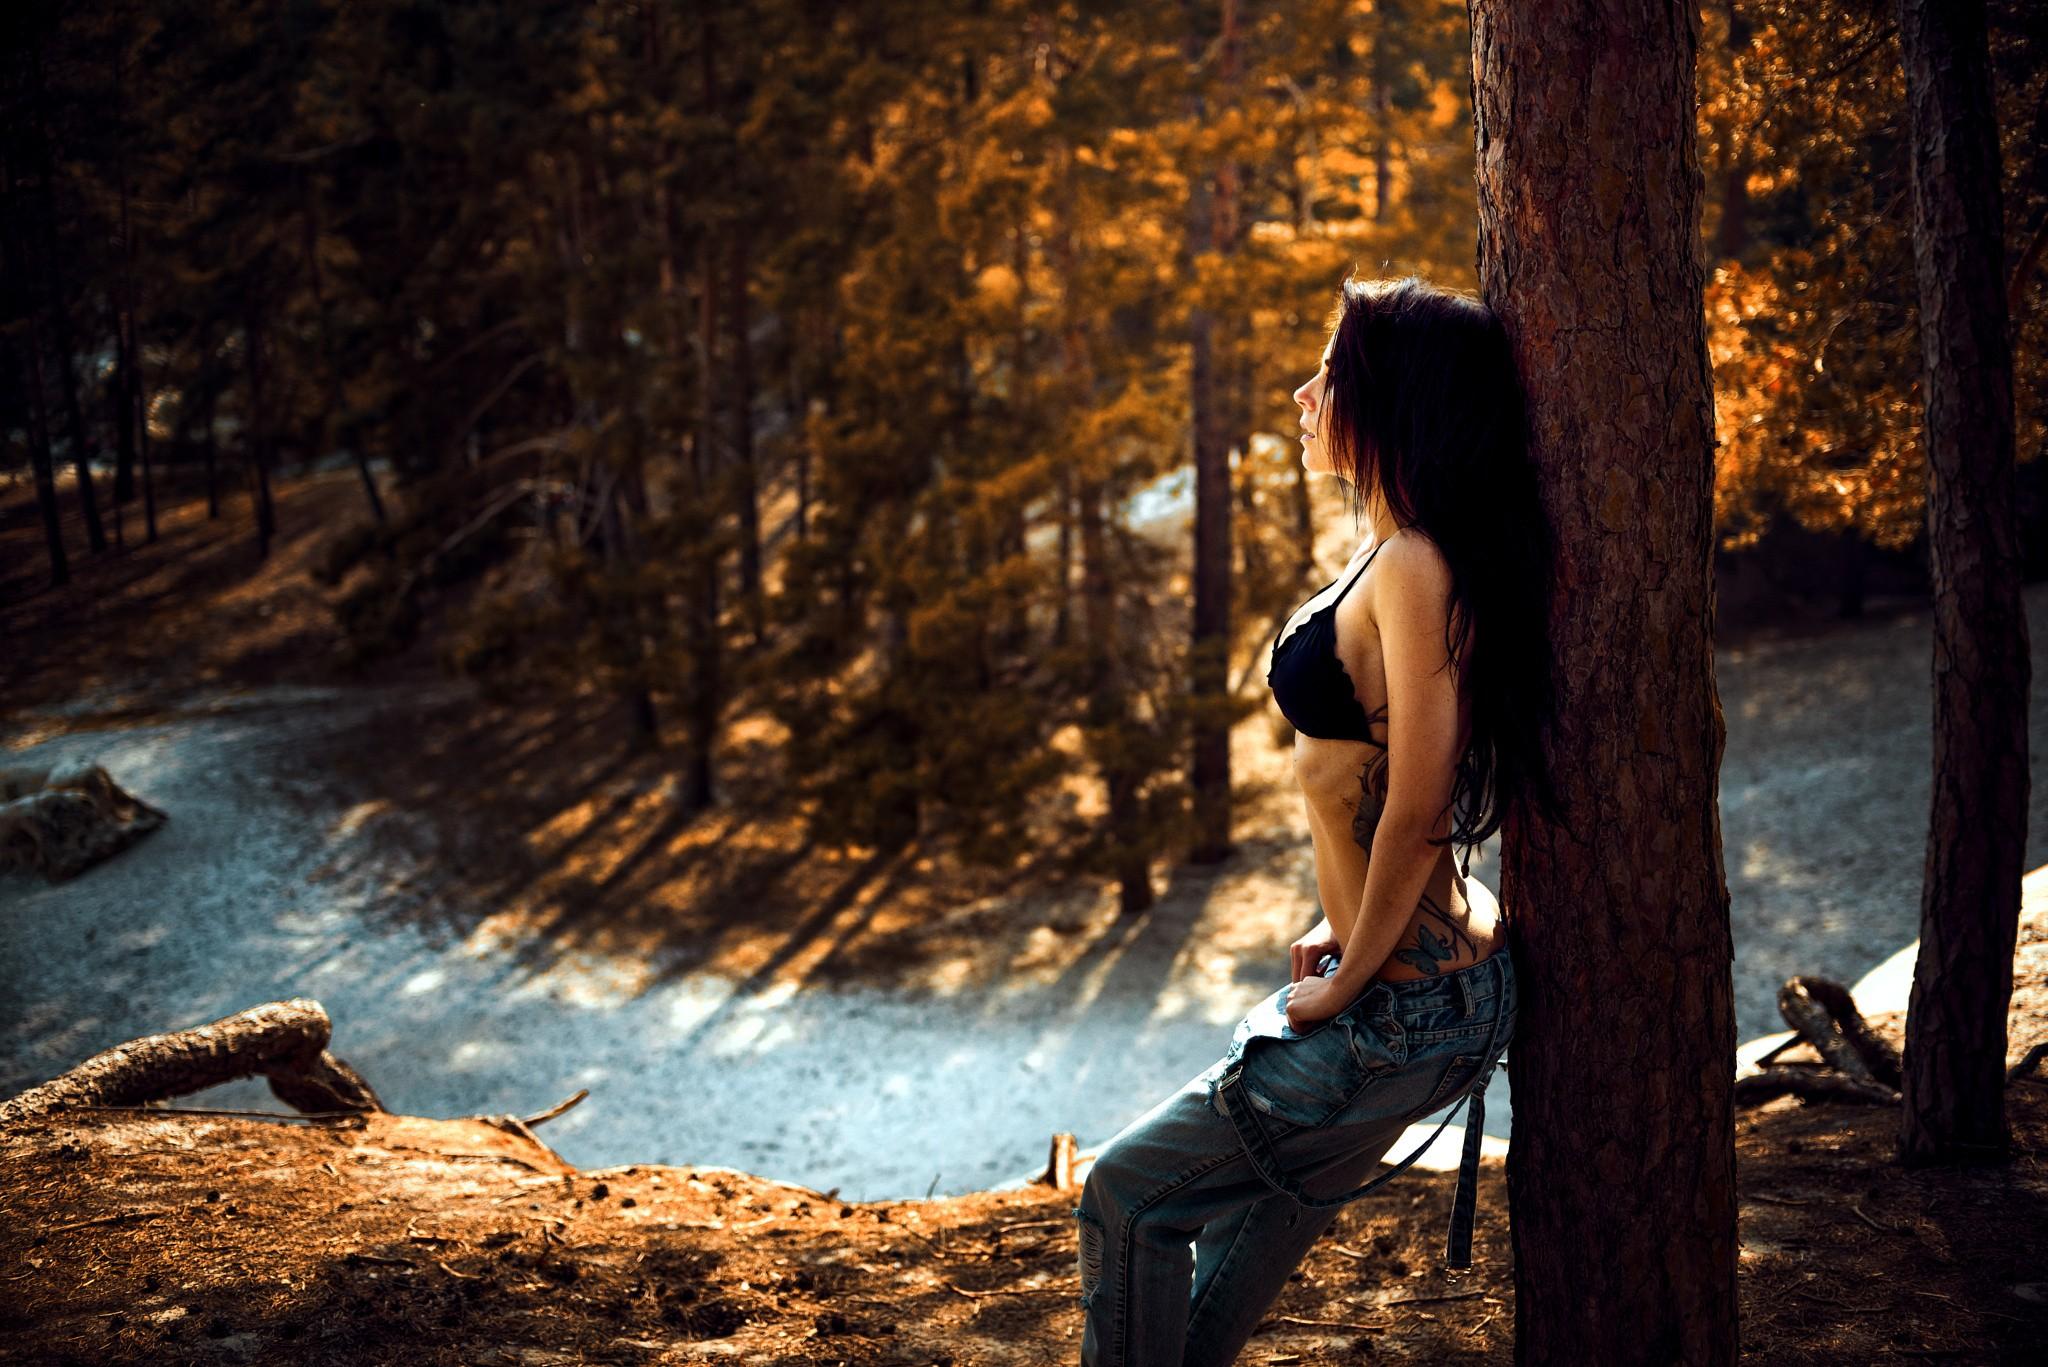 Wallpaper : sunlight, forest, women outdoors, 500px, model